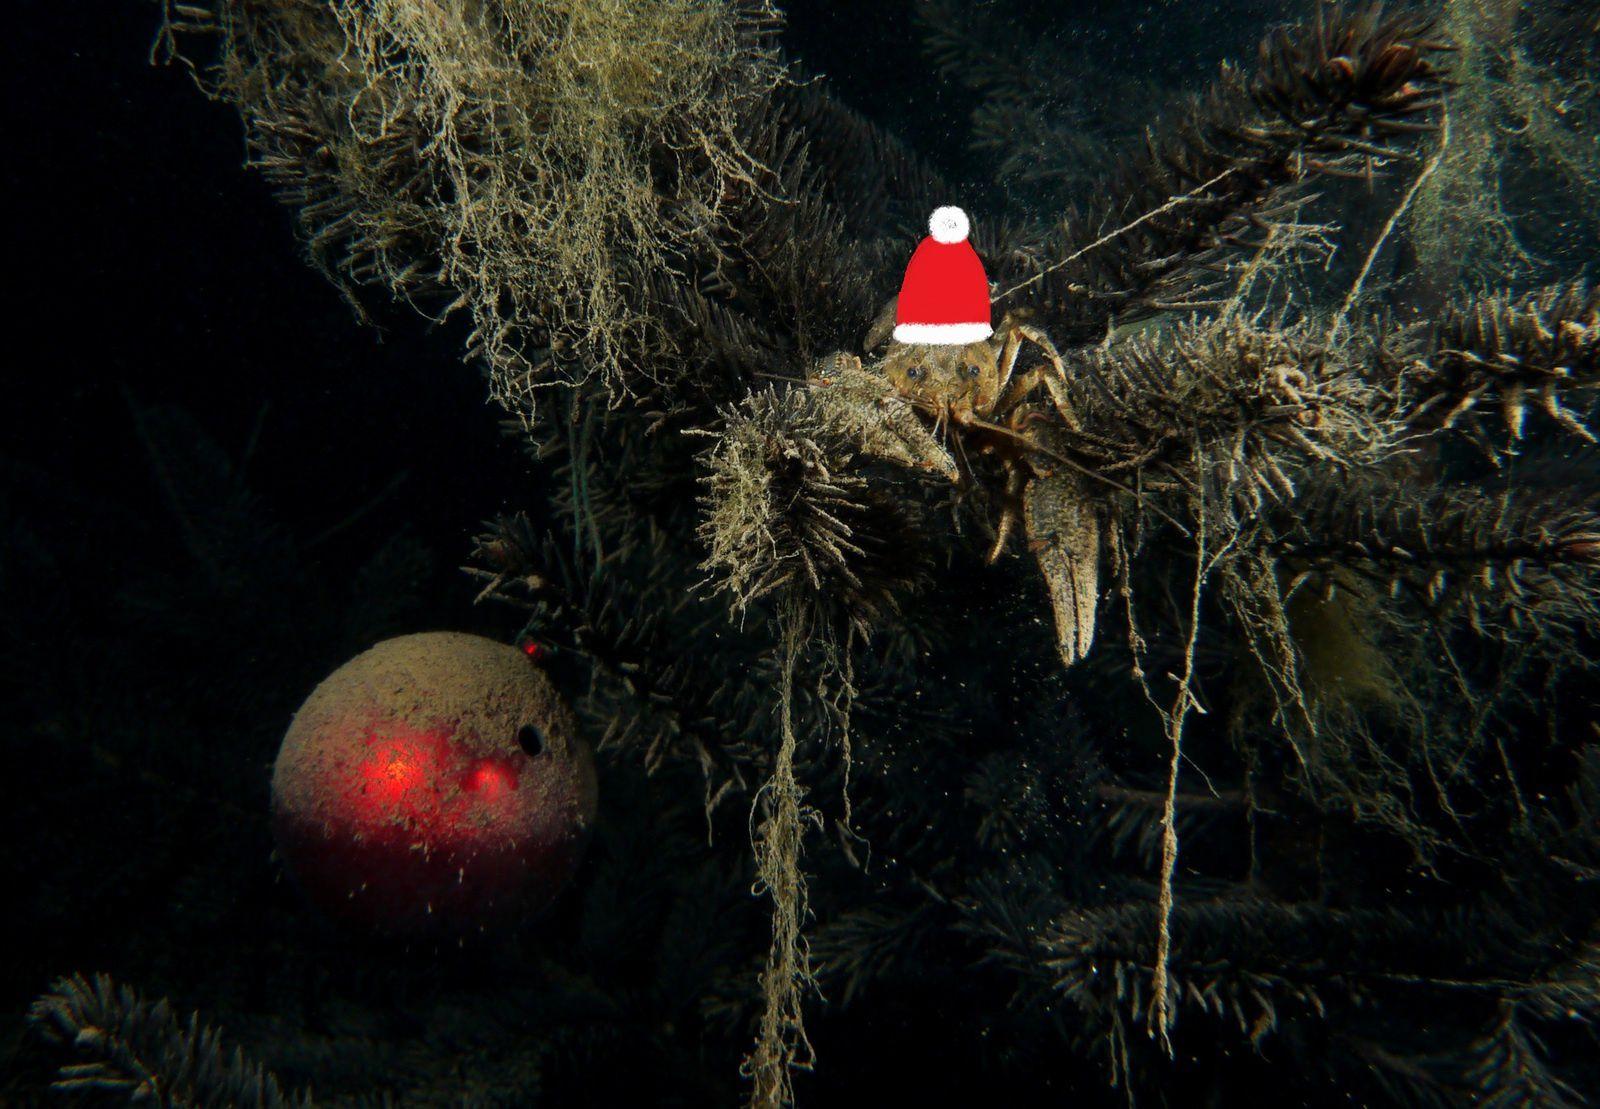 Noël approche....même sous l'eau!